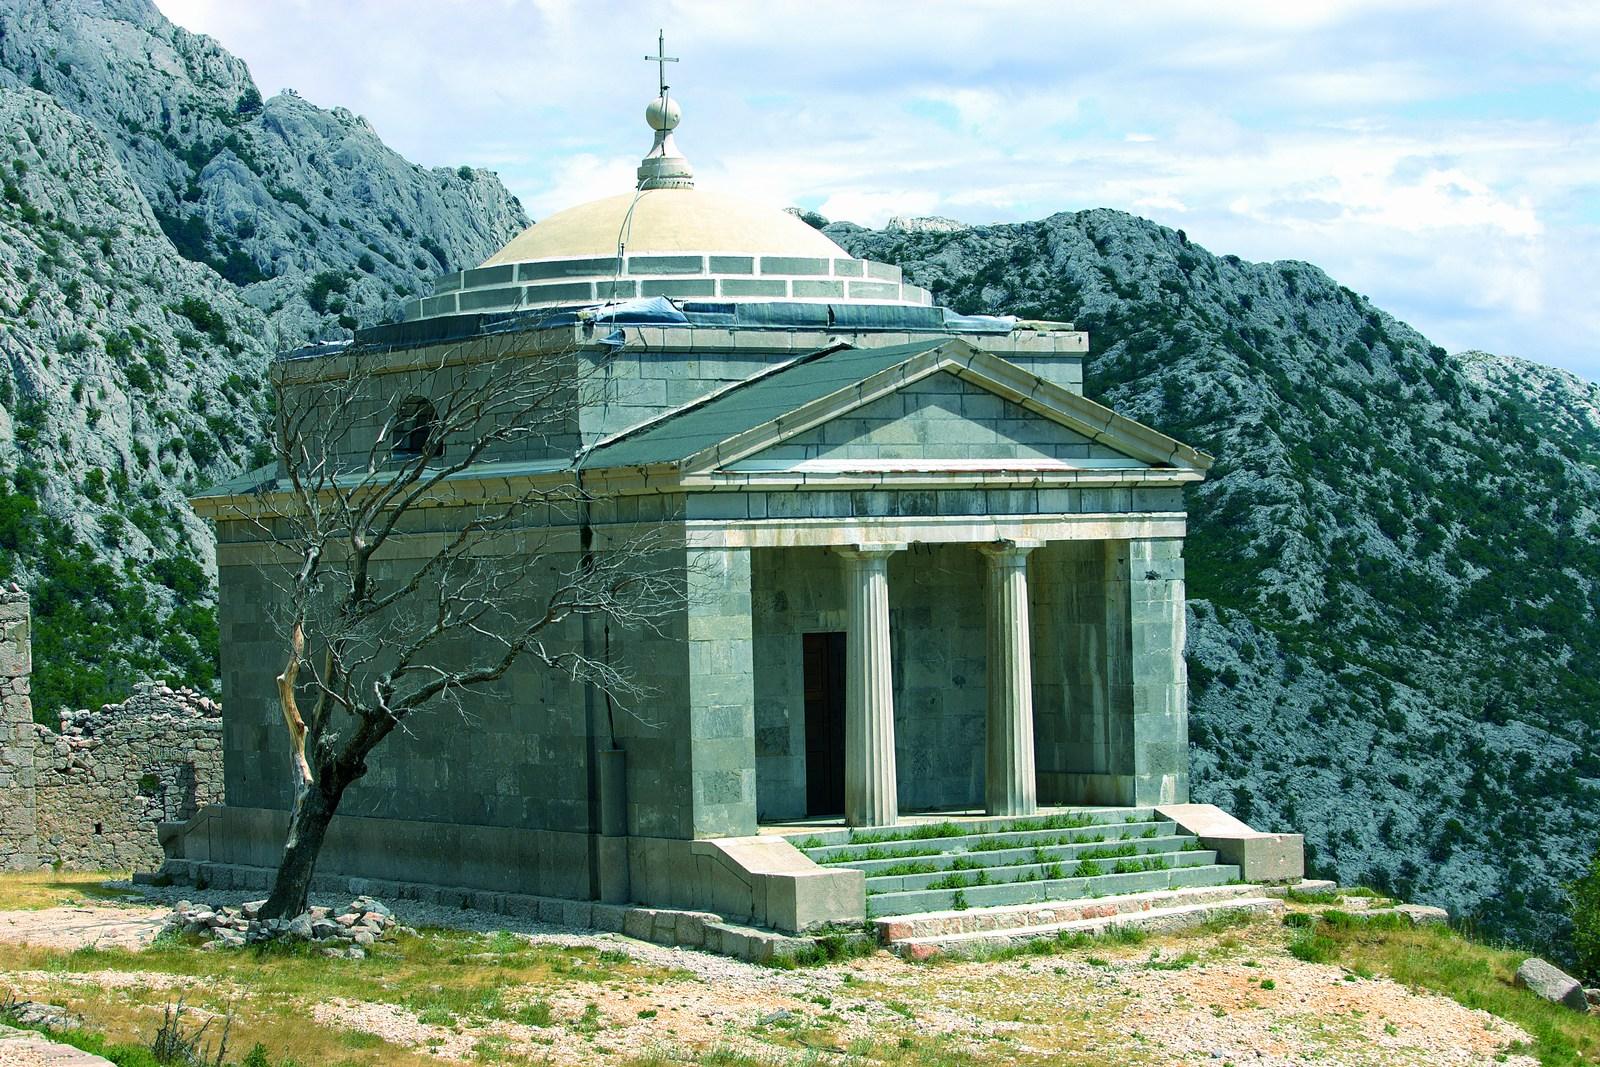 V znak zahvale, da je bila vzpostavljena cesta med južno in severno Hrvaško so na južni strani Velebita, na predelu Podprag (642 mnv), leta 1832 zgradili cerkvico posvečeno sv. Franji Asiškemu. Foto: HTZ in Sergio Gobbo.